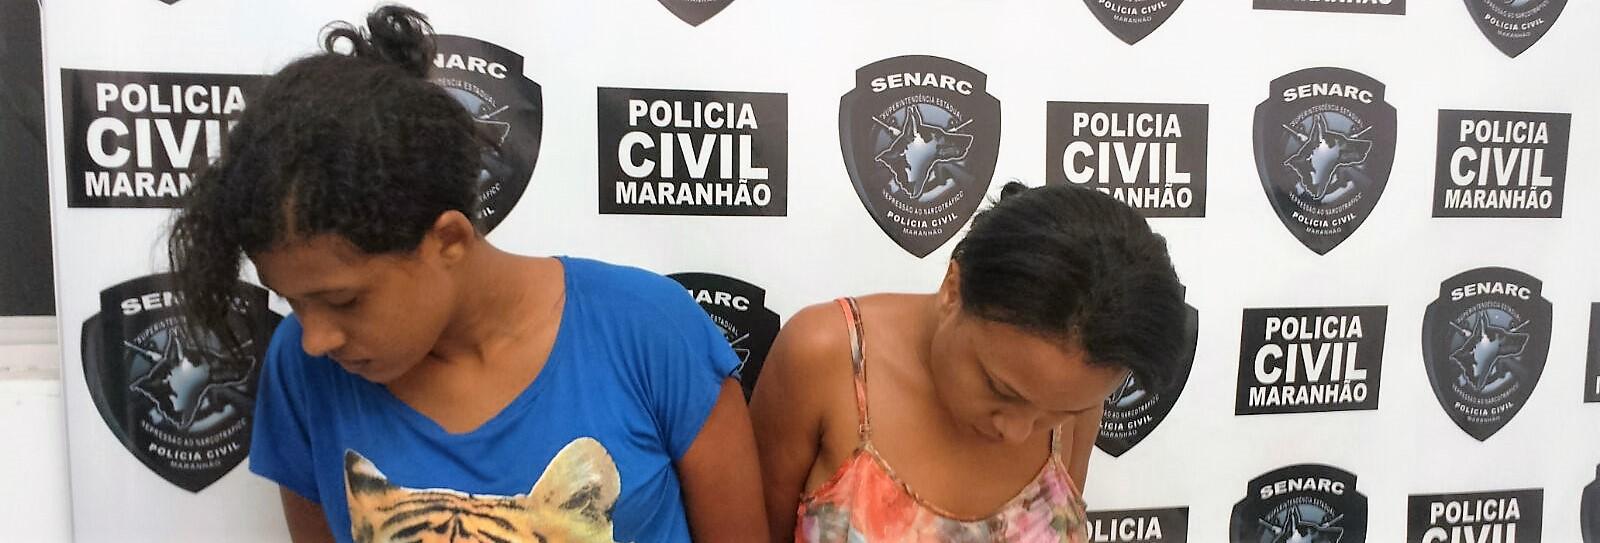 Polícia Civil prende duas mulheres suspeitas por tráfico de drogas em Santa Inês